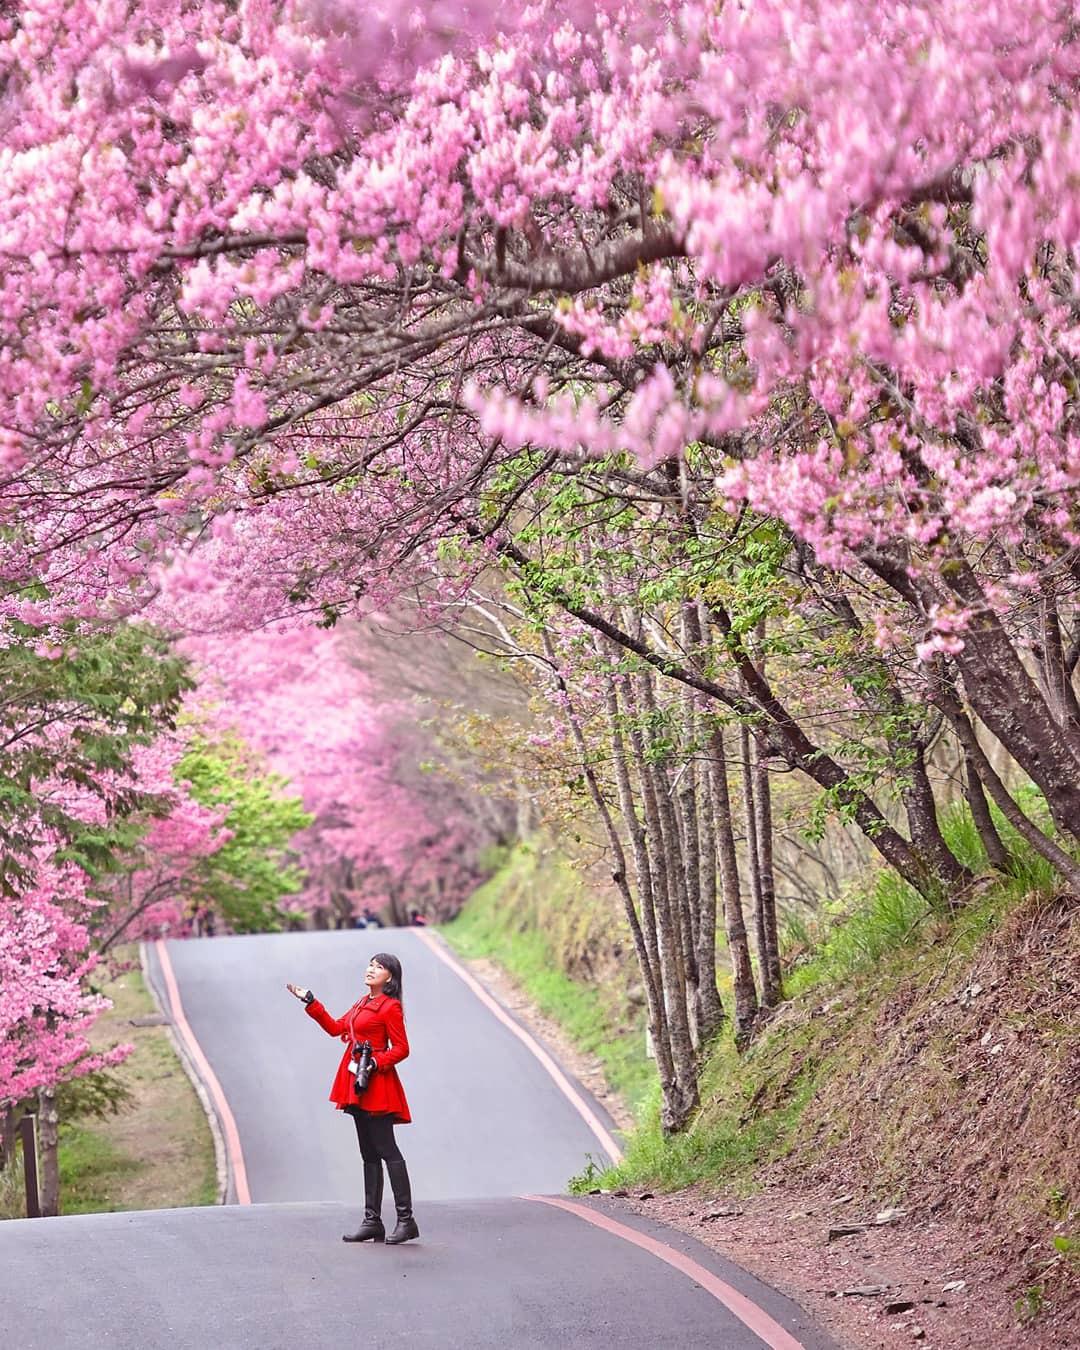 Đài Loan: Hoa anh đào lại nở rợp trời, tạo điều kiện cho trai gái dập dìu chơi xuân - Ảnh 6.